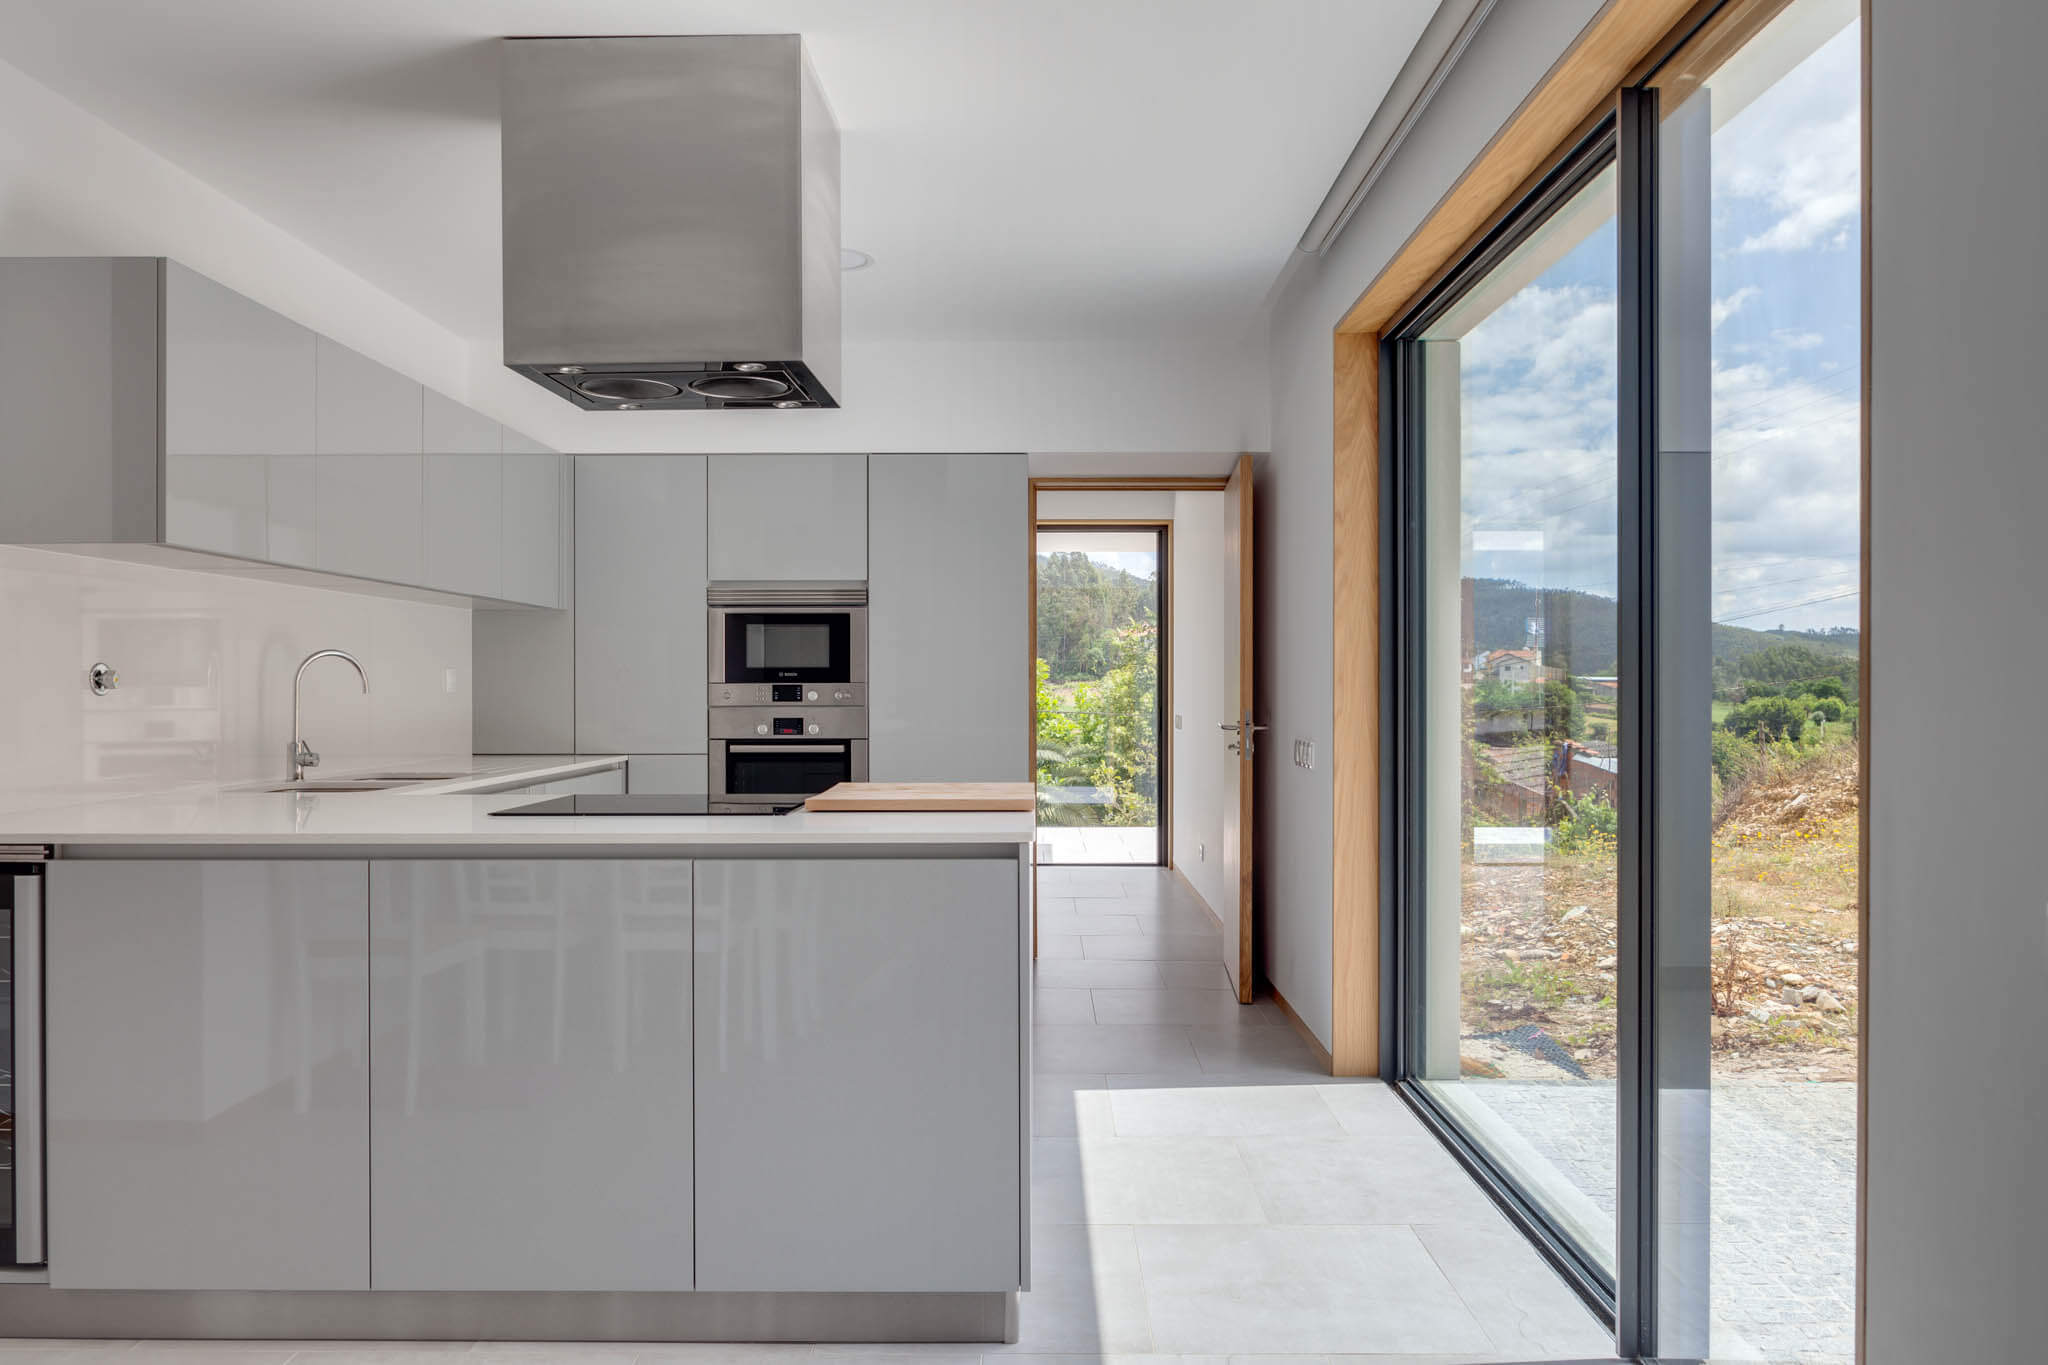 Casa Agueda Atelier De Arquitectura Numa 69 do fotografo Ivo Tavares Studio